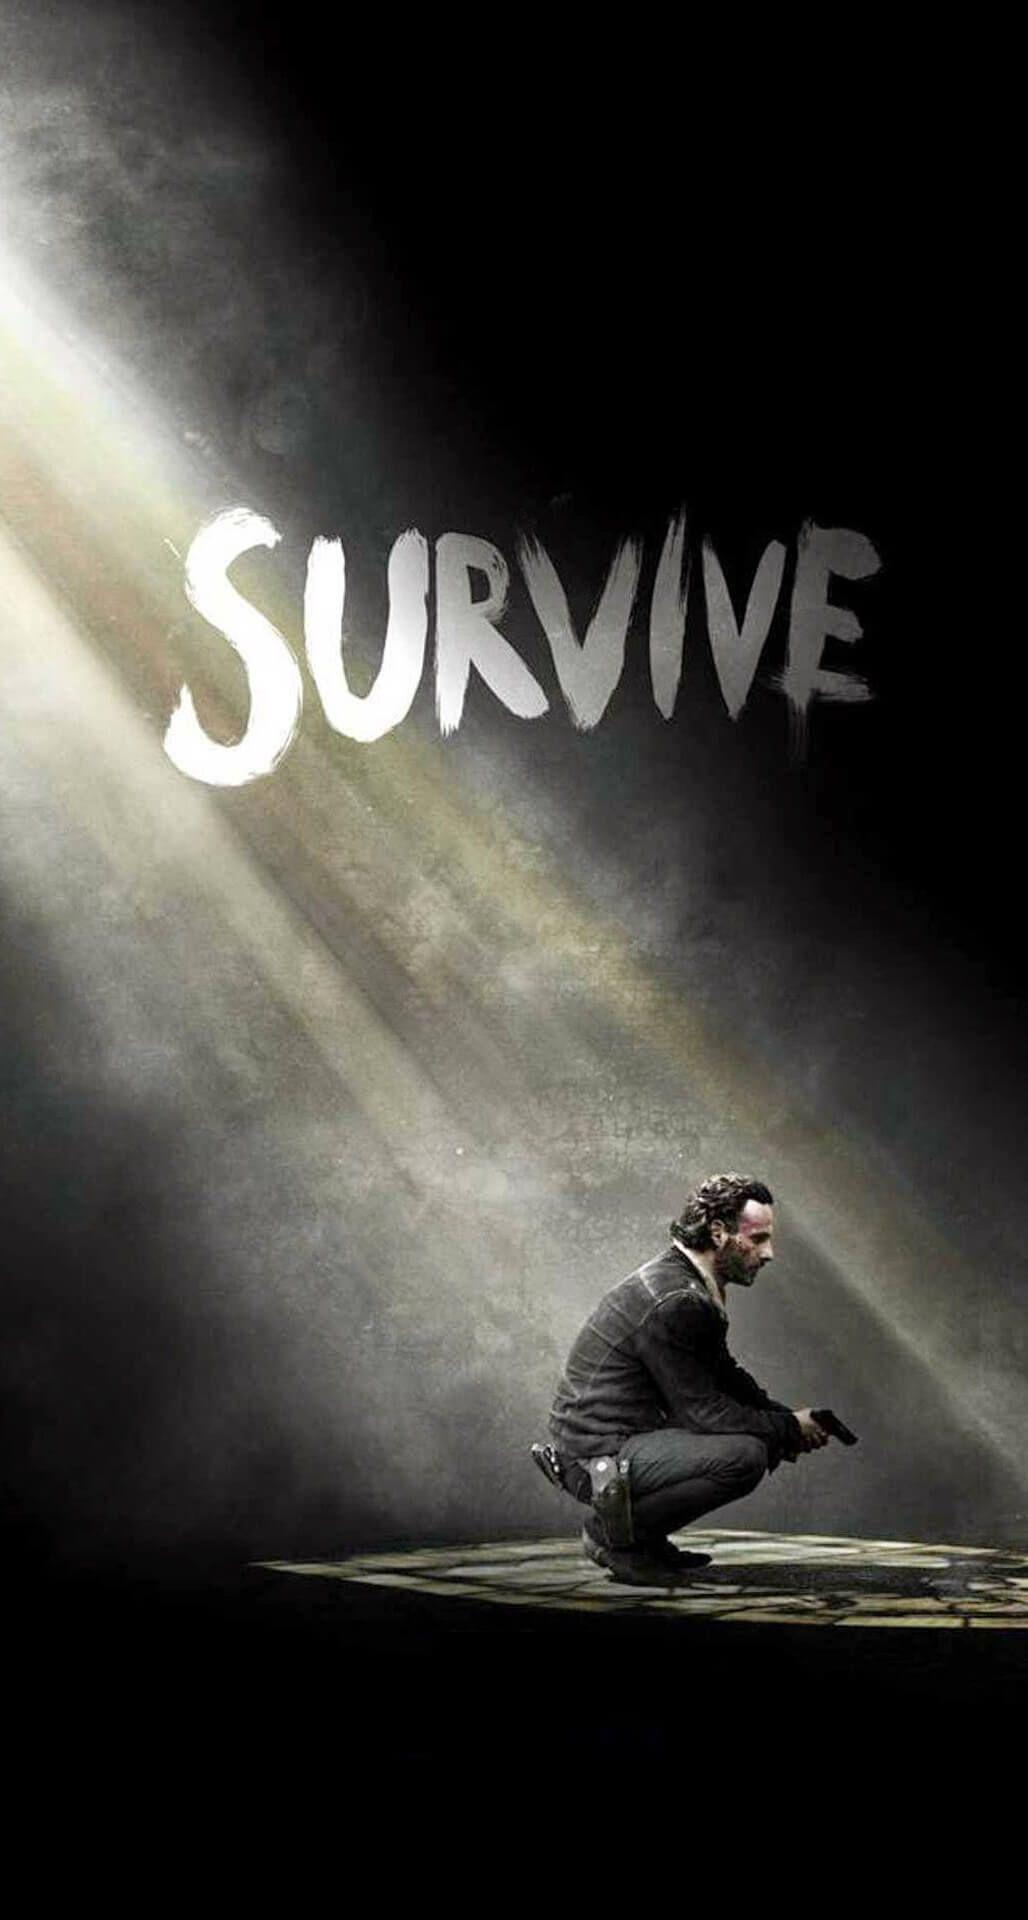 Fonds D Ecran Iphone Serie Tv The Walking Dead 06 The Walking Dead Poster Walking Dead Art Walking Dead Wallpaper